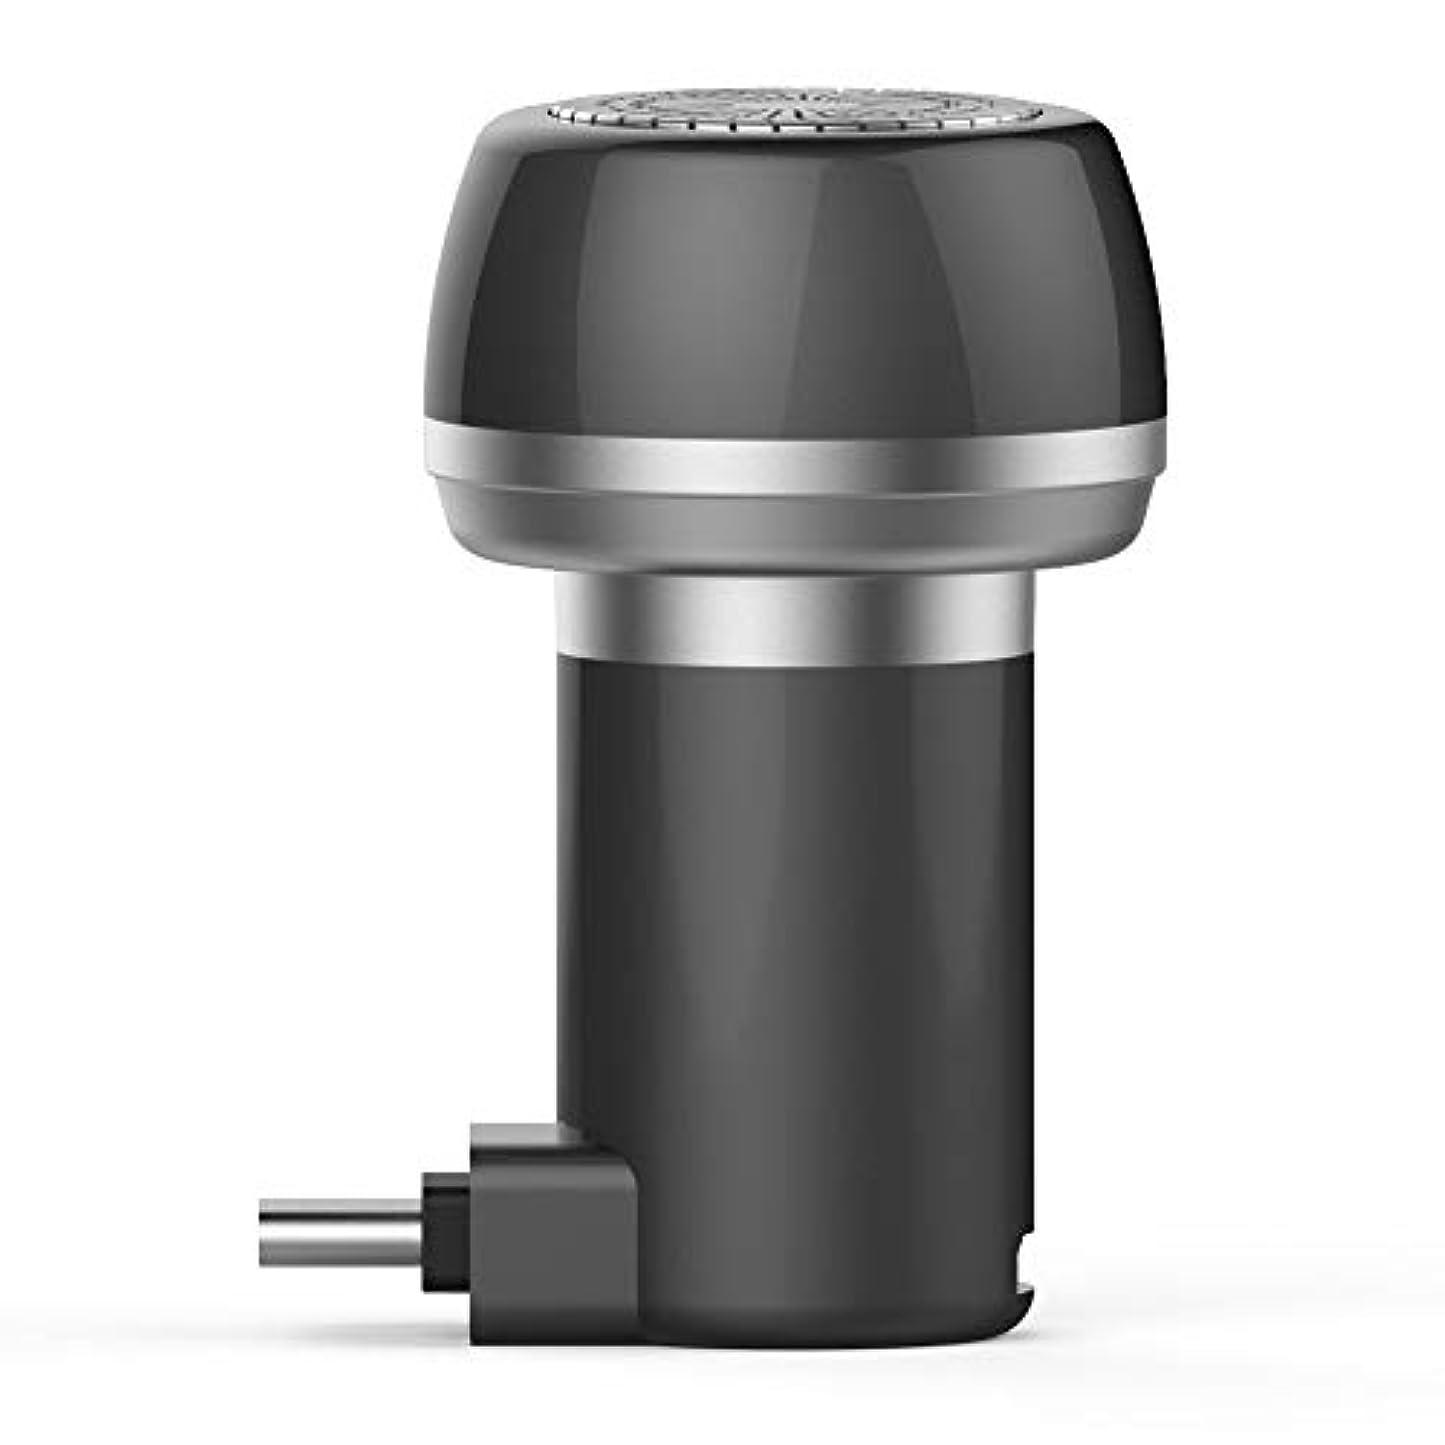 複雑なイブニングタンパク質Symboat 2 1磁気電気シェーバーミニポータブルType-C 男と女 USB防水剃刀 電気シェーバー 洗い可 旅行する